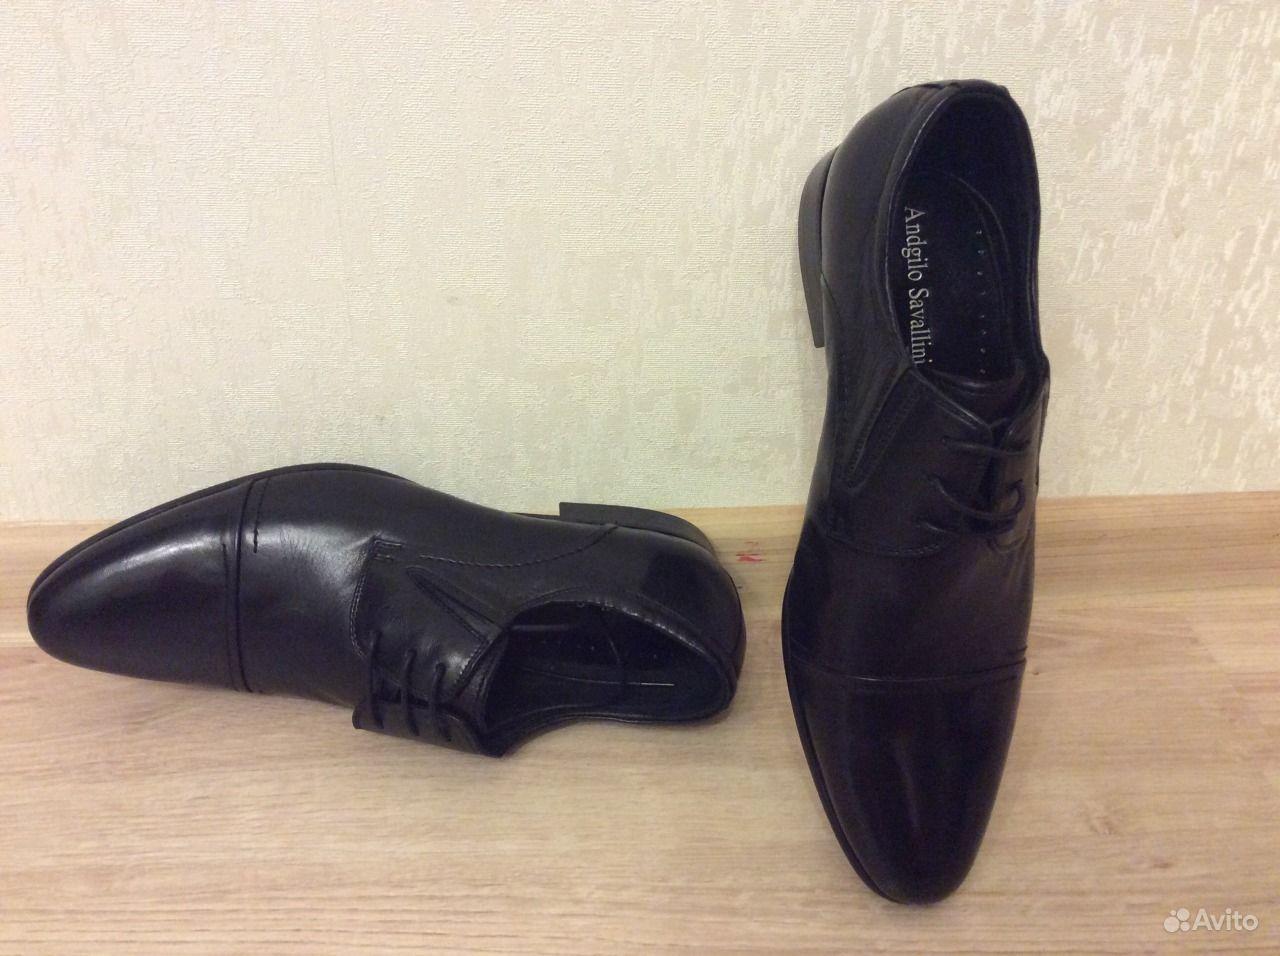 Обувь геокс в москве